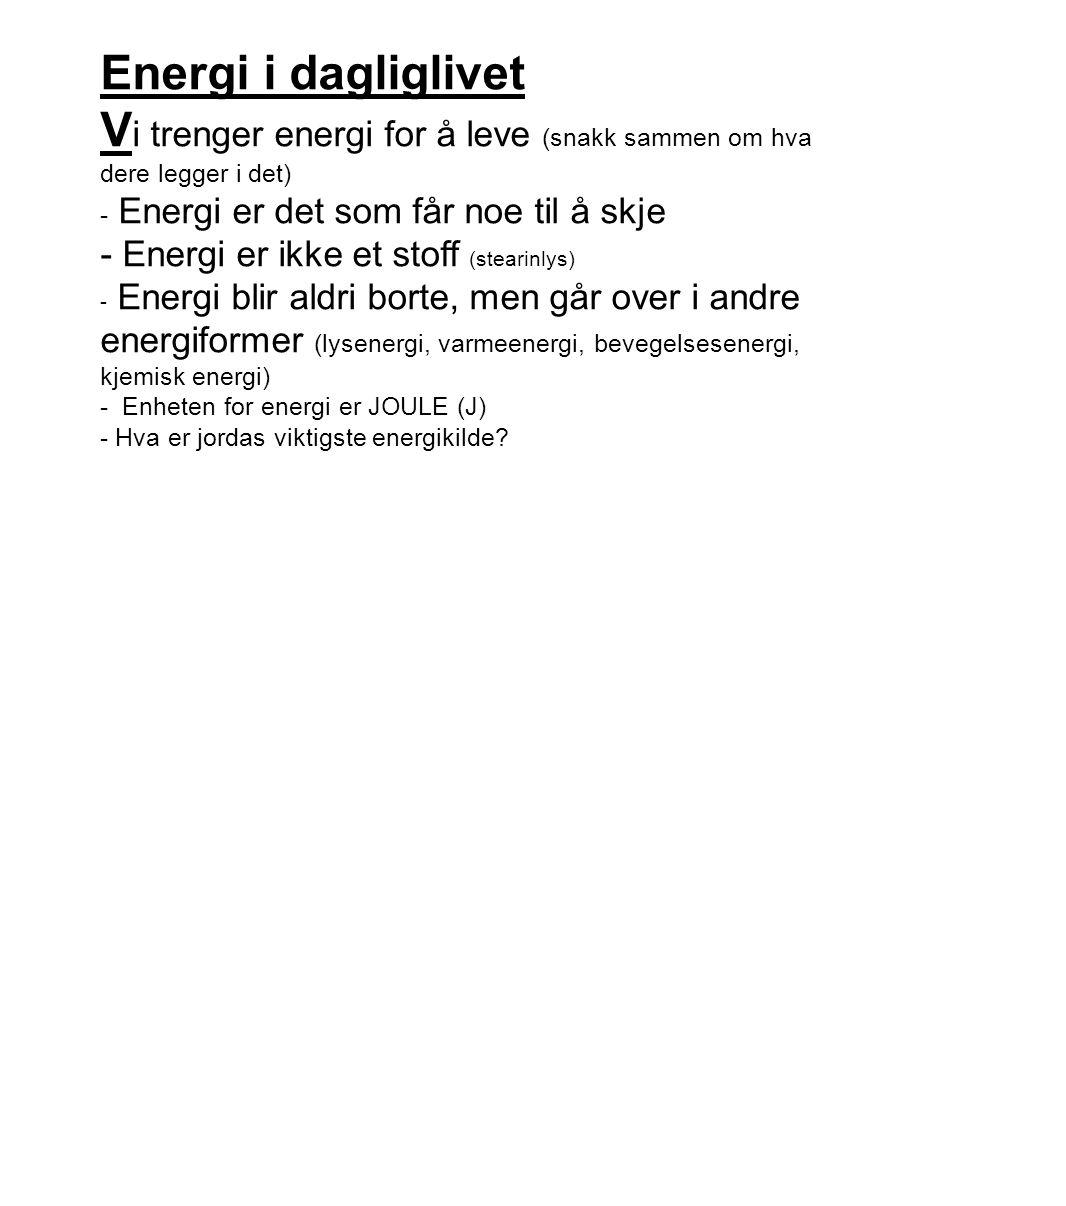 Energi i dagliglivet V i trenger energi for å leve (snakk sammen om hva dere legger i det) - Energi er det som får noe til å skje - Energi er ikke et stoff (stearinlys) - Energi blir aldri borte, men går over i andre energiformer (lysenergi, varmeenergi, bevegelsesenergi, kjemisk energi) - Enheten for energi er JOULE (J) - Hva er jordas viktigste energikilde?